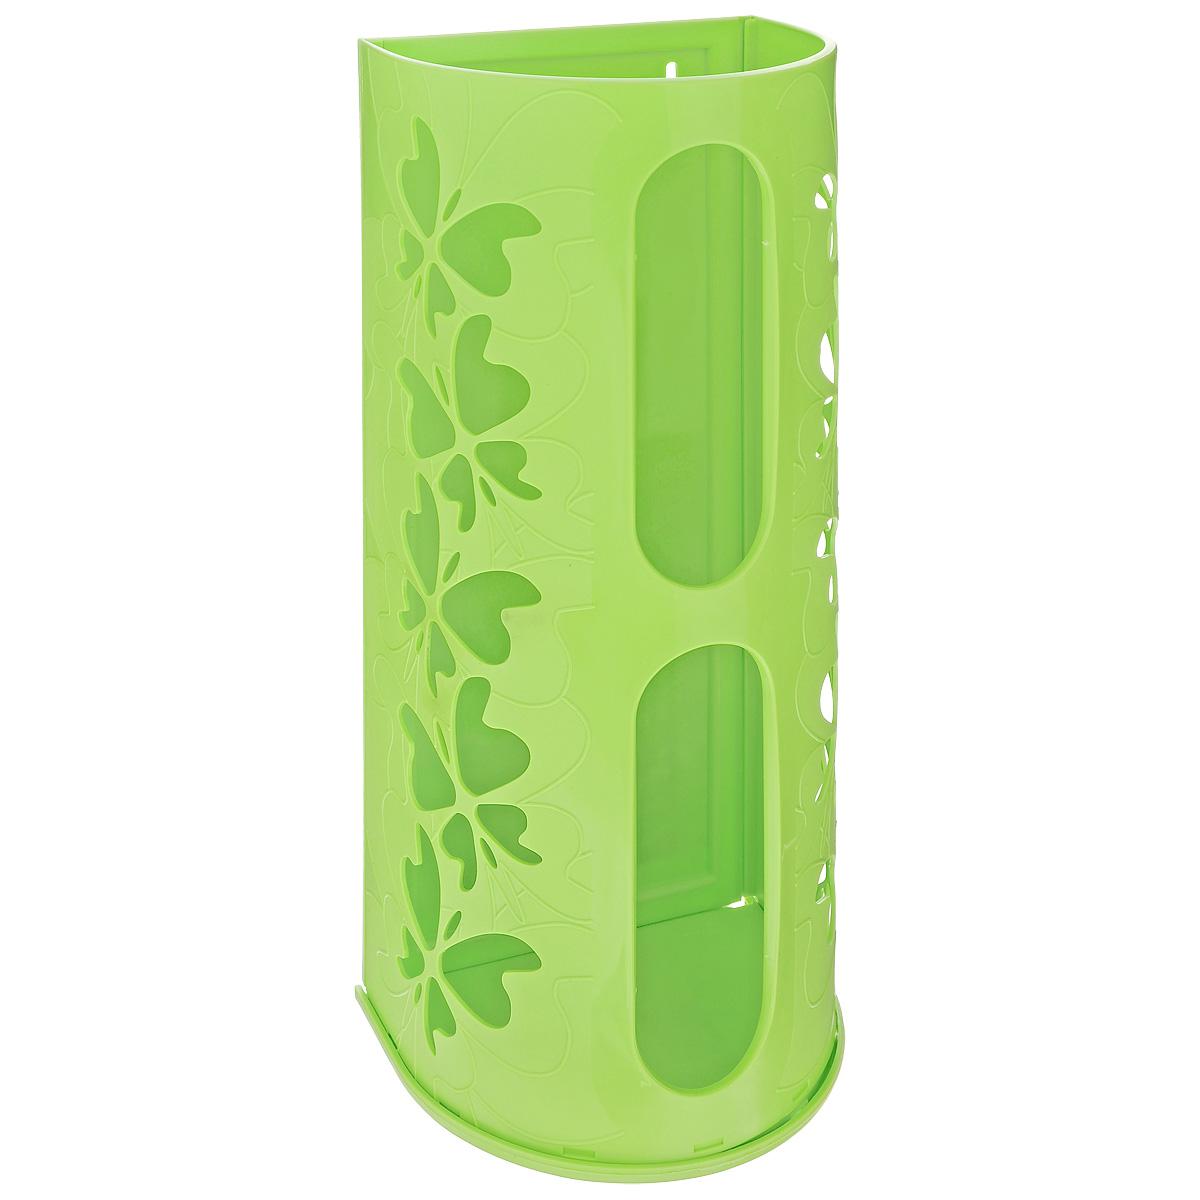 Корзина для пакетов Berossi Fly, цвет: салатовый, 16 х 13 х 37,5 см корзина для хранения альтернатива вдохновение цвет салатовый 26 5 х 16 5 х 10 см